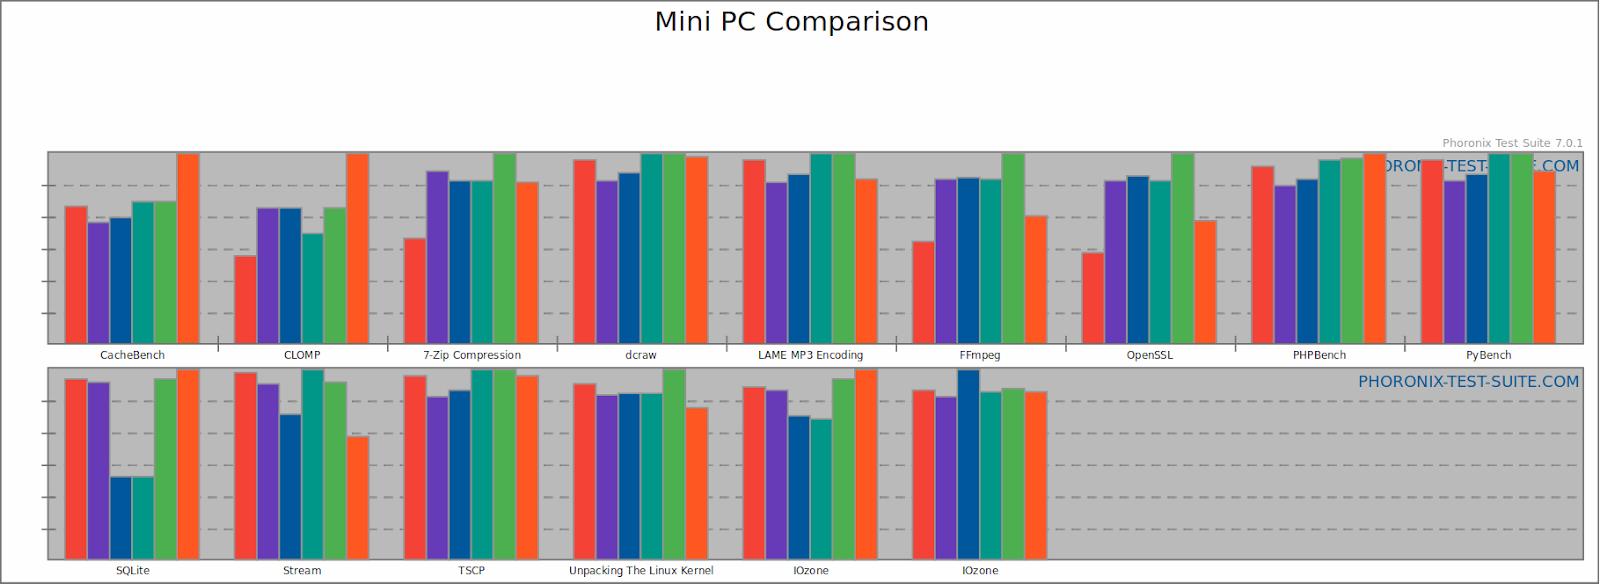 linuxium com au: Mini PCs Linux Performance Comparison